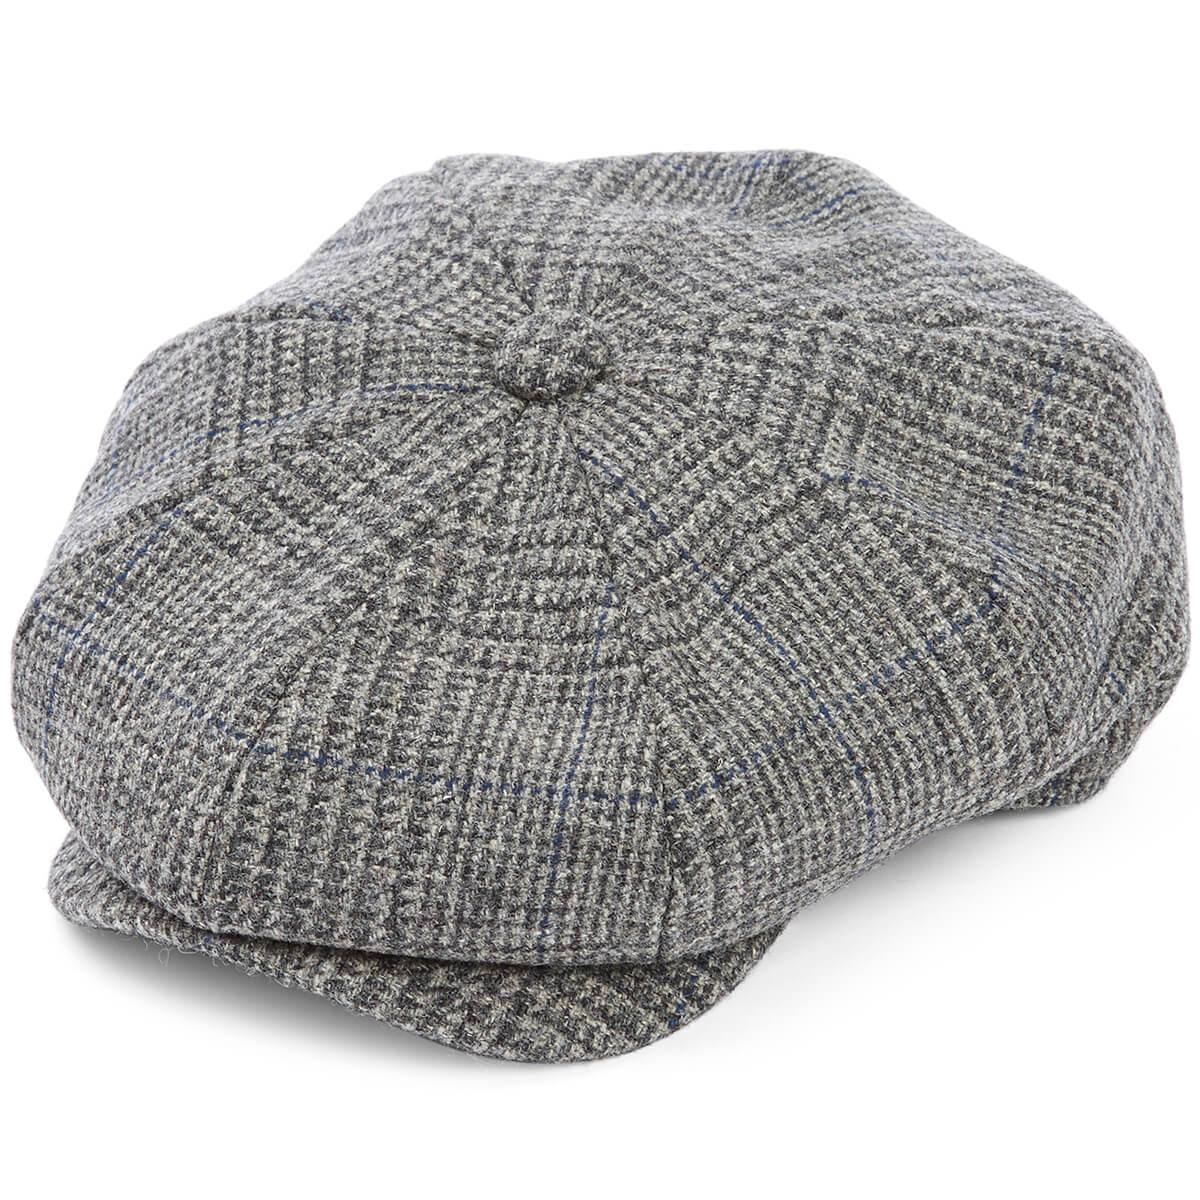 8 Piece Baker Boy Tweed Flat Cap - Z530 - size M